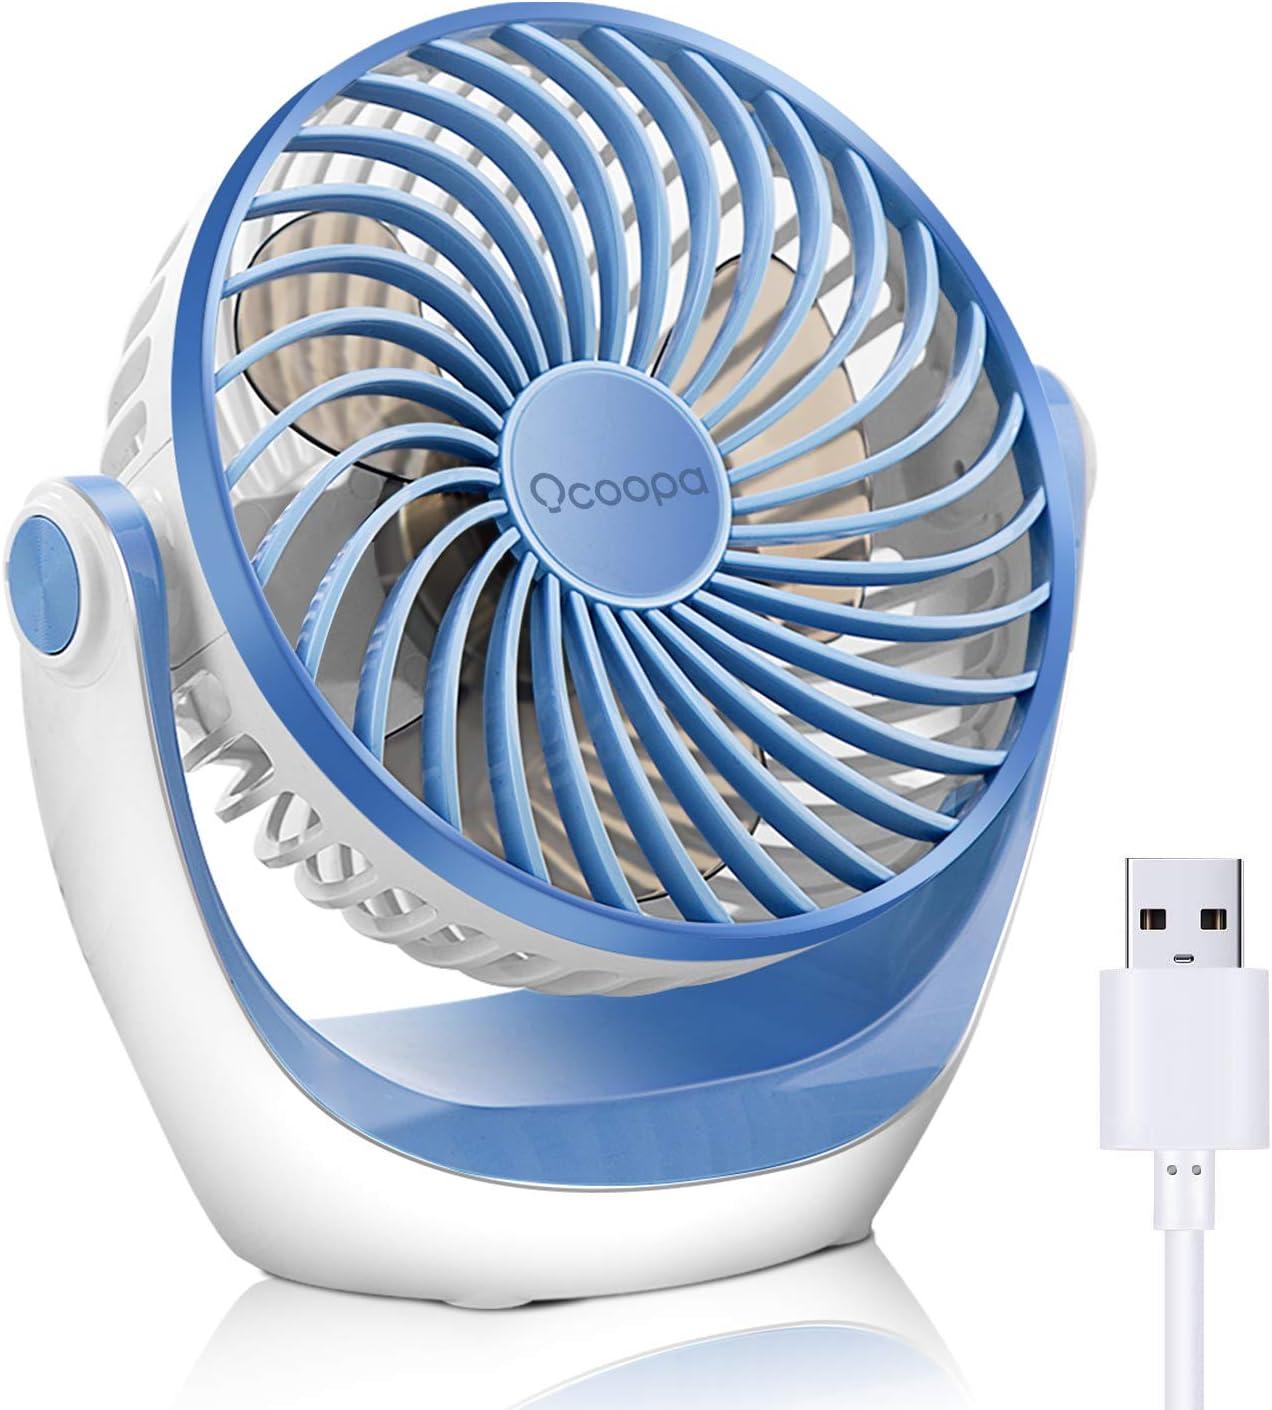 OCOOPA Ventilador con USB, Ventilador de mesa con fuerte flujo de aire y silencioso, ventilador portátil con velocidad ajustable, 360°, Escritorio y escritorio de oficina, Azul claro